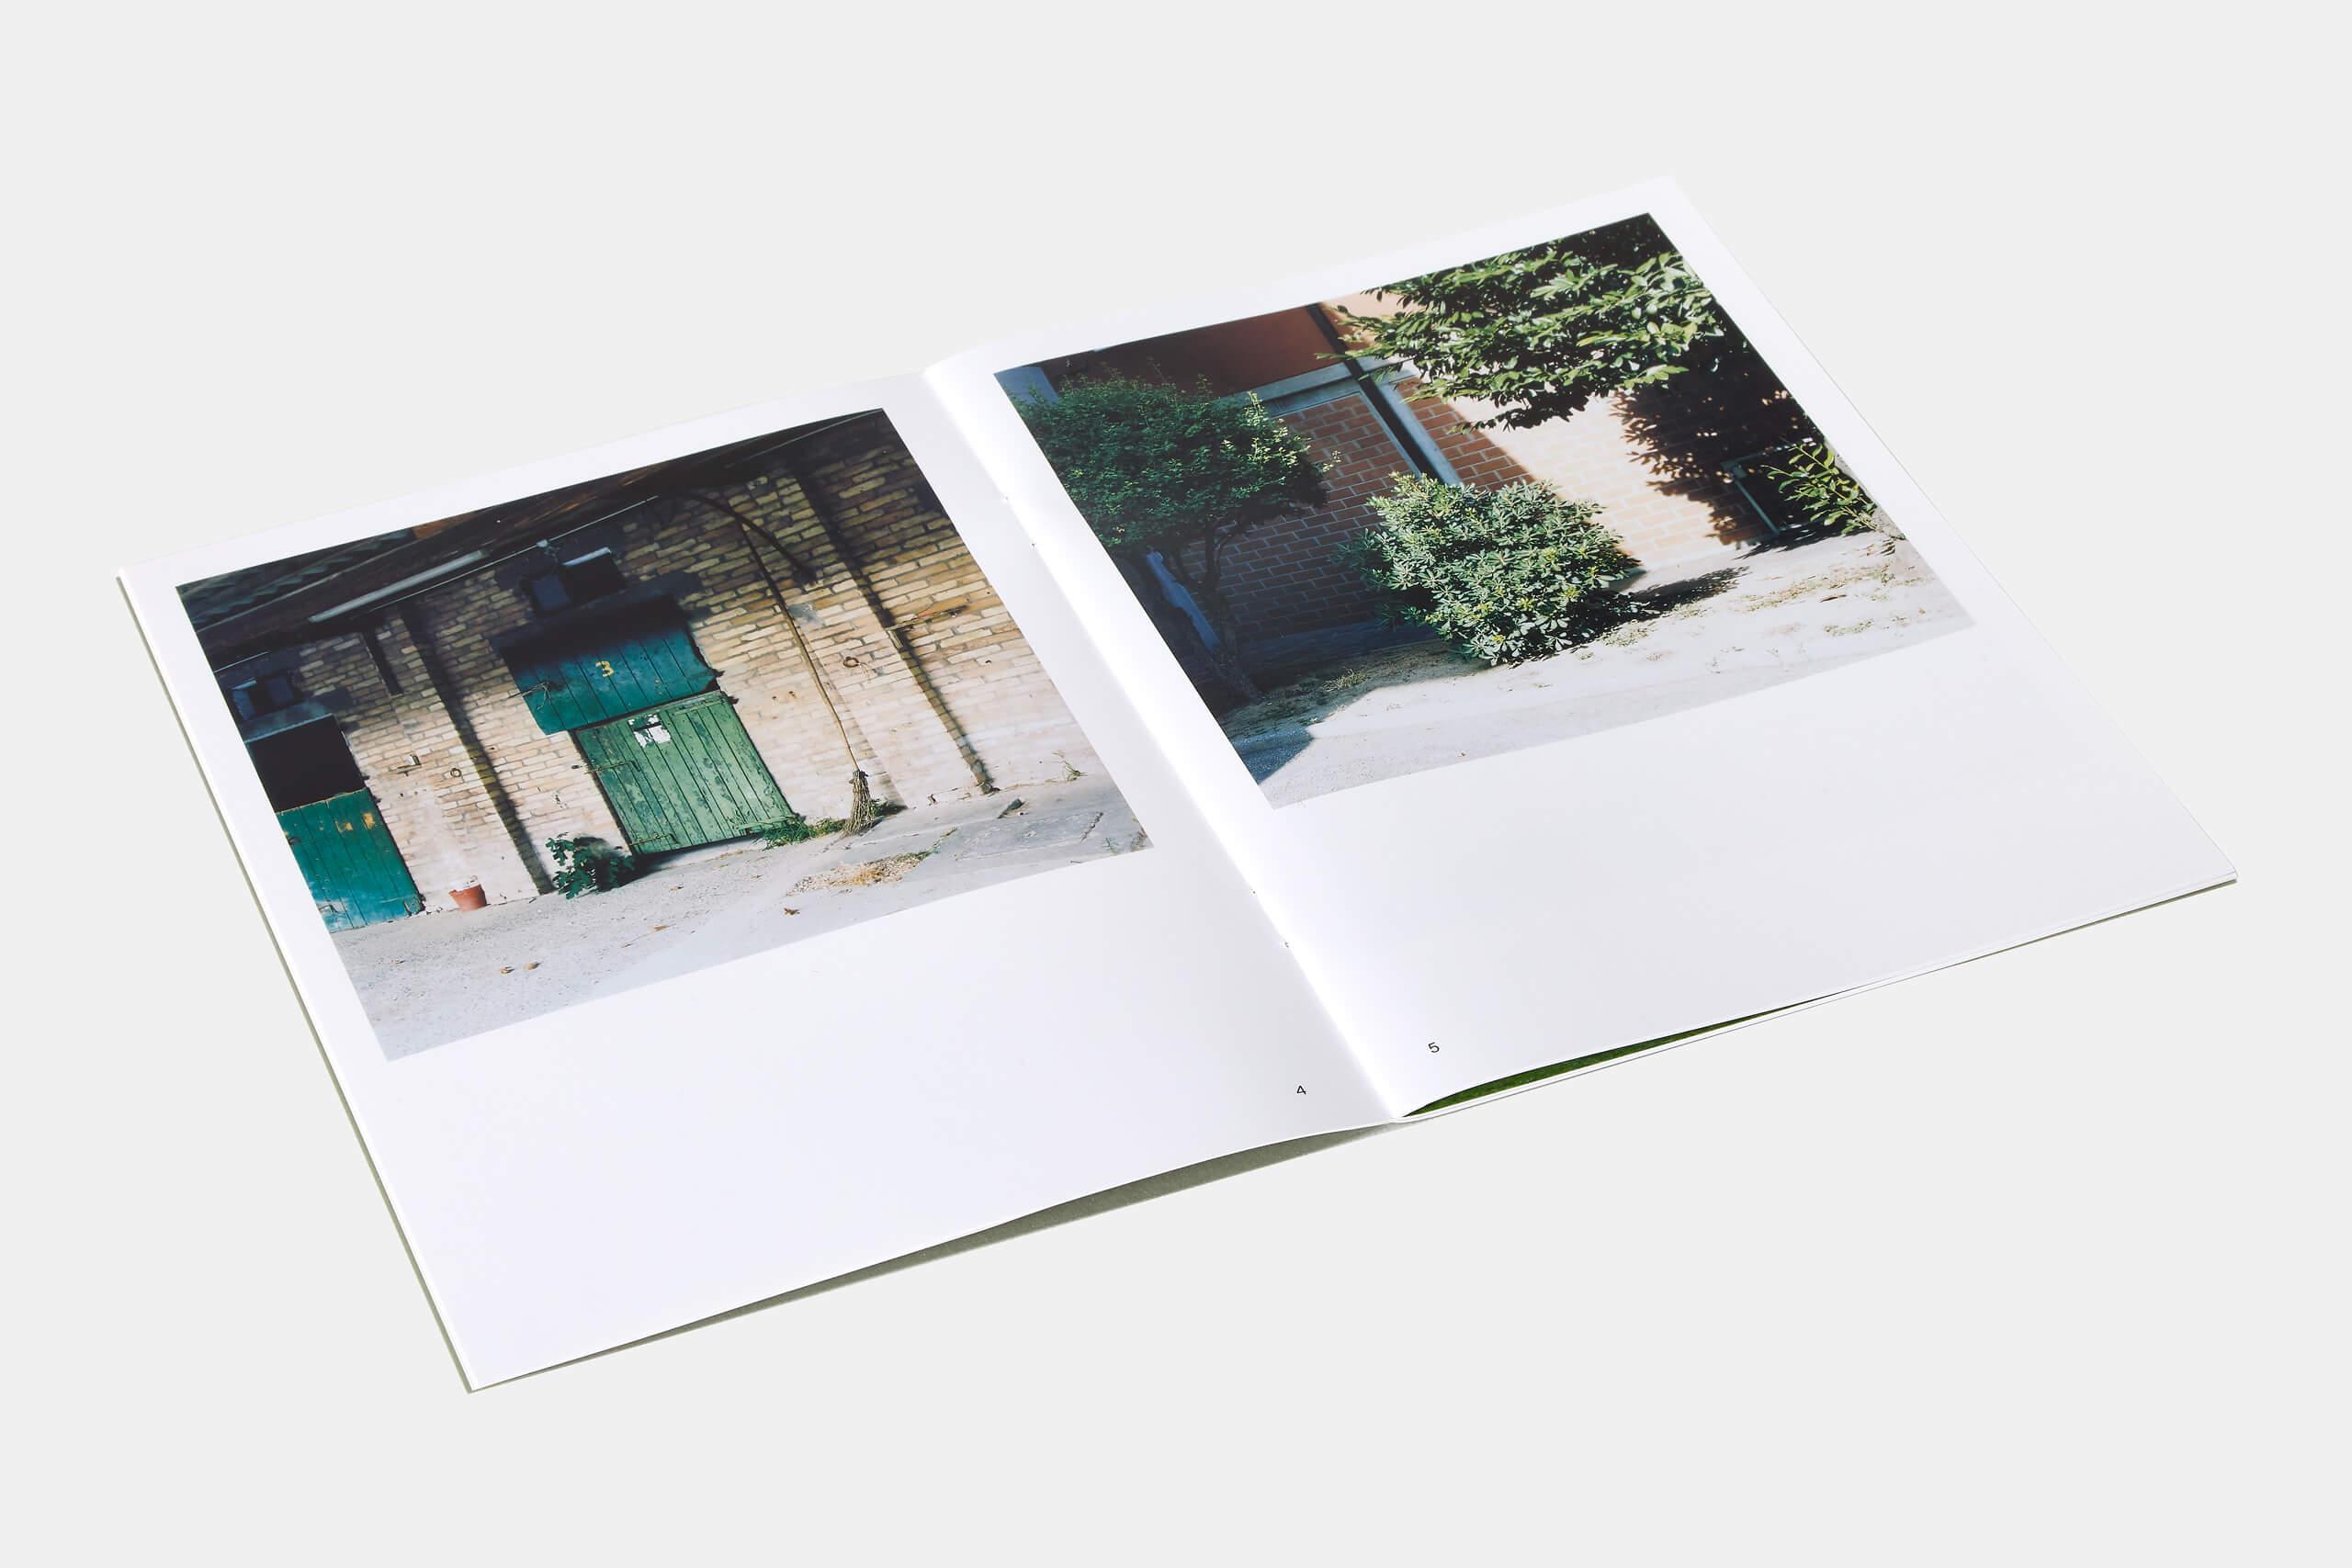 Federico_Covre_Parendo_Alla_Mente_Book_Osservatorio_Fotografico_2014_06